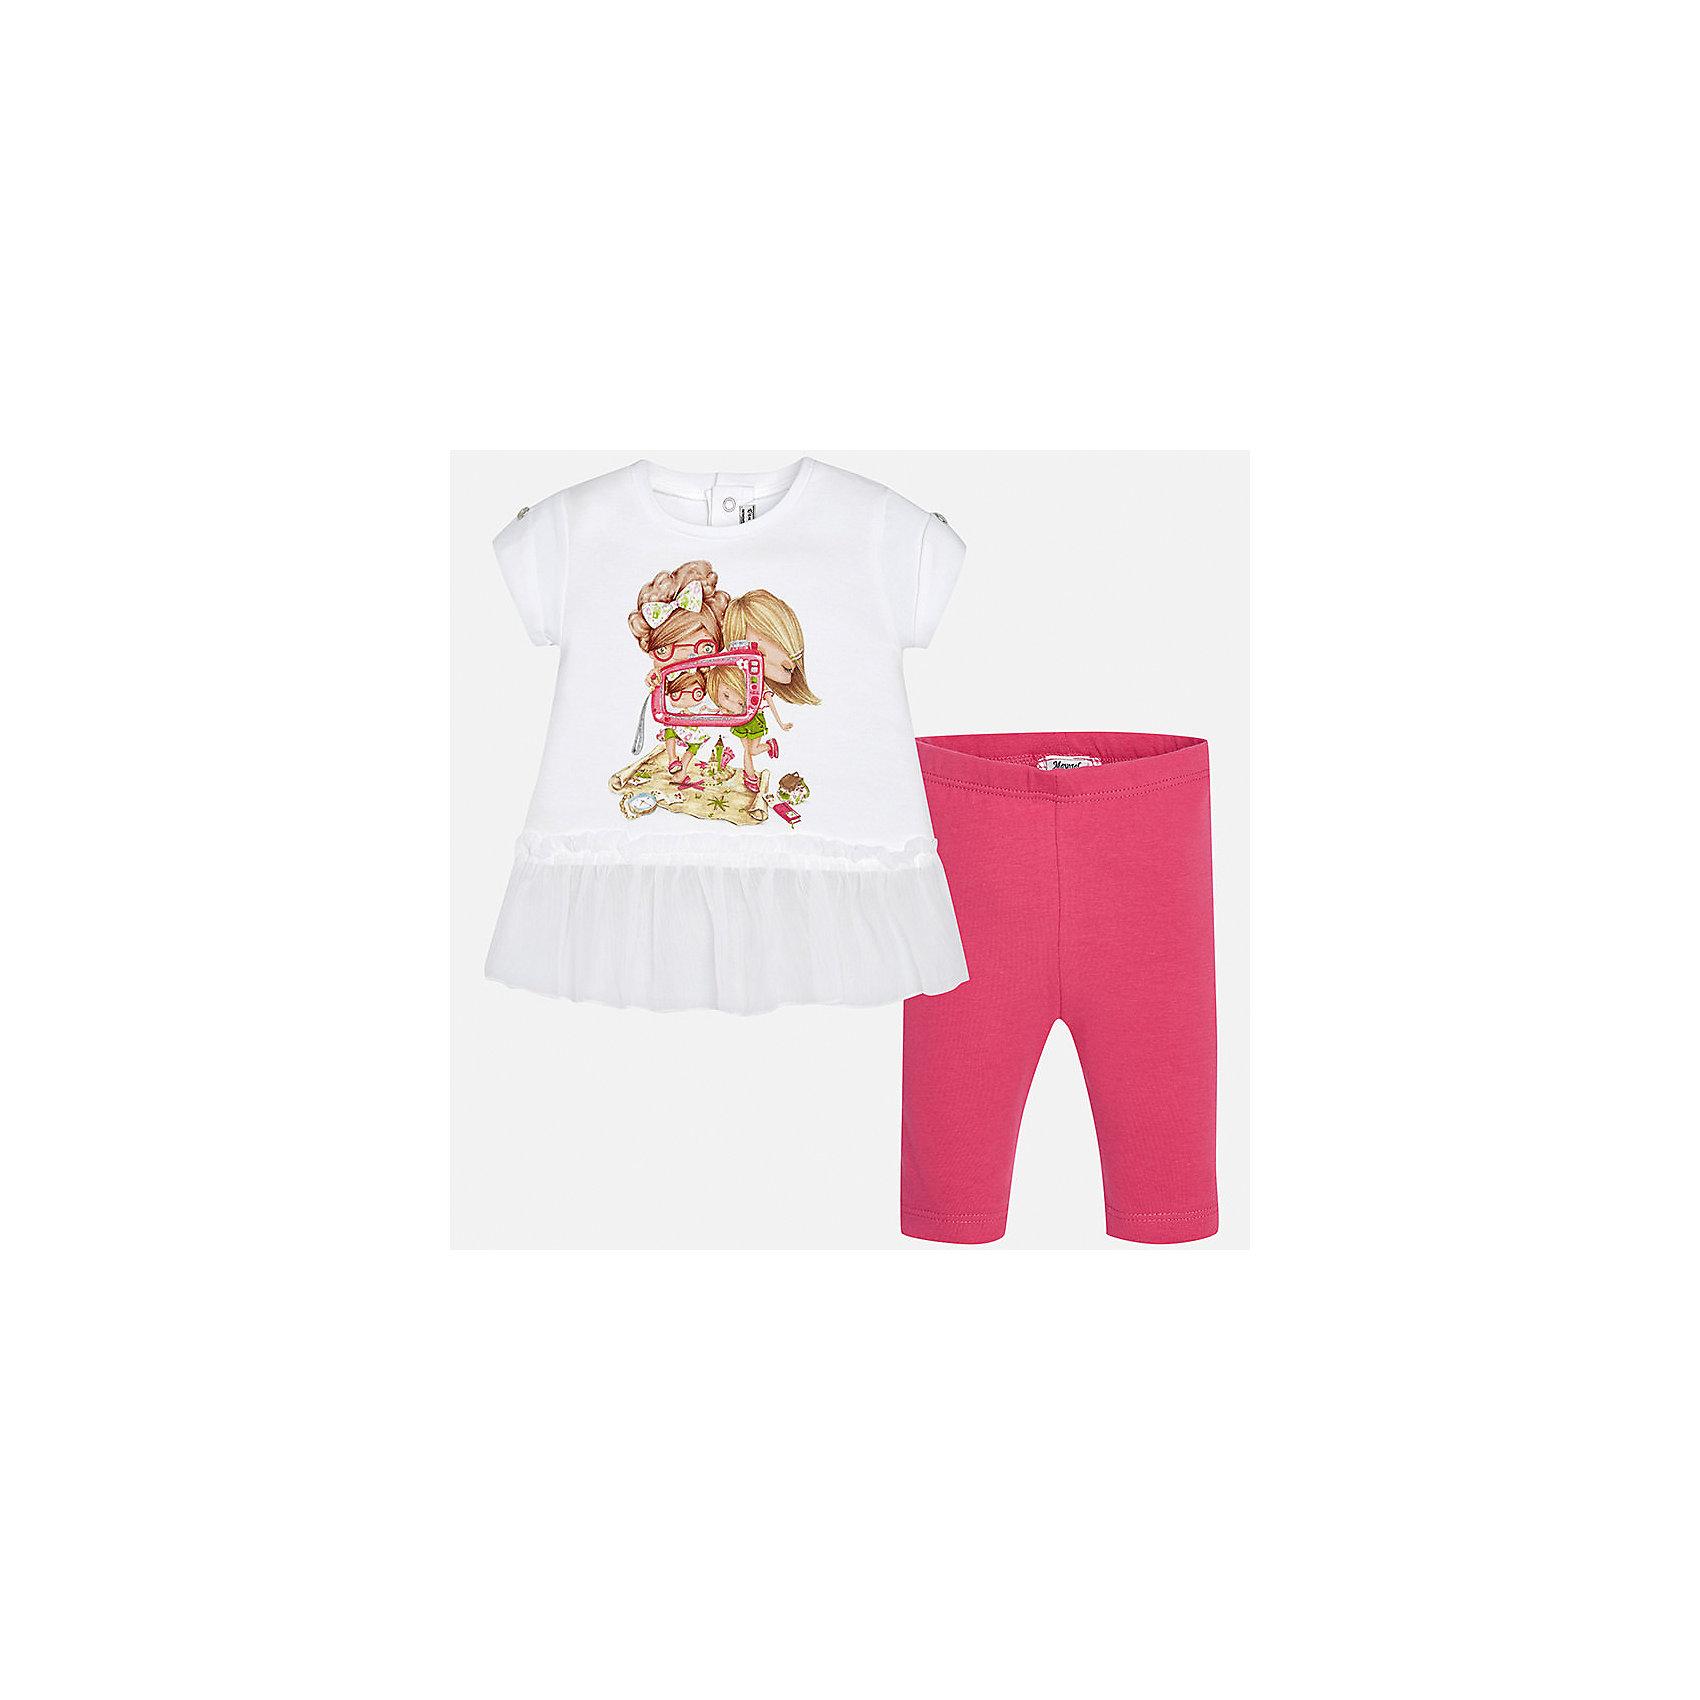 Комплект: футболка и леггинсы для девочки MayoralХарактеристики товара:<br><br>• цвет: белый/розовый<br>• состав: 95% хлопок, 5% эластан<br>• комплектация: футболка и леггинсы<br>• футболка декорирована принтом<br>• леггинсы однотонные<br>• пояс на резинке<br>• страна бренда: Испания<br><br>Стильный качественный комплект для девочки поможет разнообразить гардероб ребенка и удобно одеться в теплую погоду. Он отлично сочетается с другими предметами. Универсальный цвет позволяет подобрать к вещам верхнюю одежду практически любой расцветки. Интересная отделка модели делает её нарядной и оригинальной. В составе материала - натуральный хлопок, гипоаллергенный, приятный на ощупь, дышащий.<br><br>Одежда, обувь и аксессуары от испанского бренда Mayoral полюбились детям и взрослым по всему миру. Модели этой марки - стильные и удобные. Для их производства используются только безопасные, качественные материалы и фурнитура. Порадуйте ребенка модными и красивыми вещами от Mayoral! <br><br>Комплект: футболка и леггинсы для девочки от испанского бренда Mayoral (Майорал) можно купить в нашем интернет-магазине.<br><br>Ширина мм: 191<br>Глубина мм: 10<br>Высота мм: 175<br>Вес г: 273<br>Цвет: розовый<br>Возраст от месяцев: 18<br>Возраст до месяцев: 24<br>Пол: Женский<br>Возраст: Детский<br>Размер: 92,74,80,86<br>SKU: 5289011